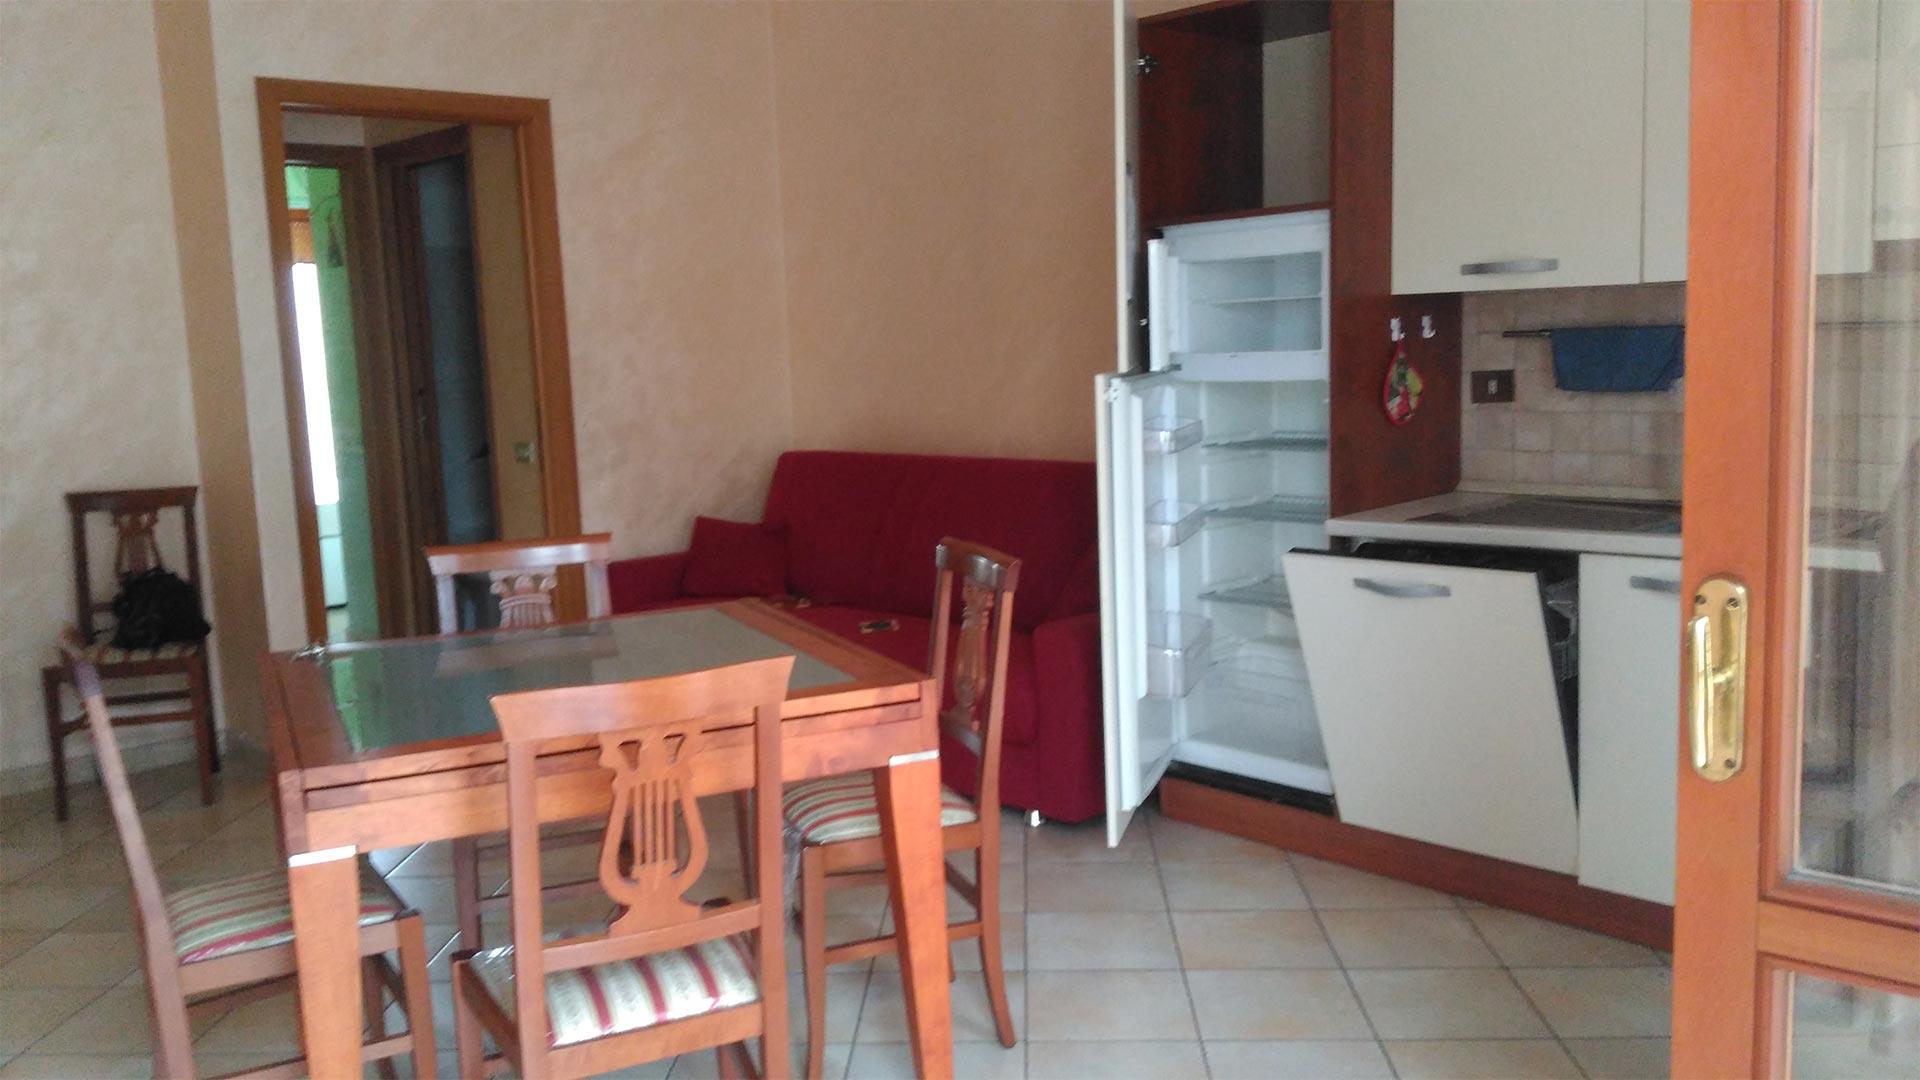 Affitto appartamento bilocale portuense roma residenze for Appartamento affitto arredato roma